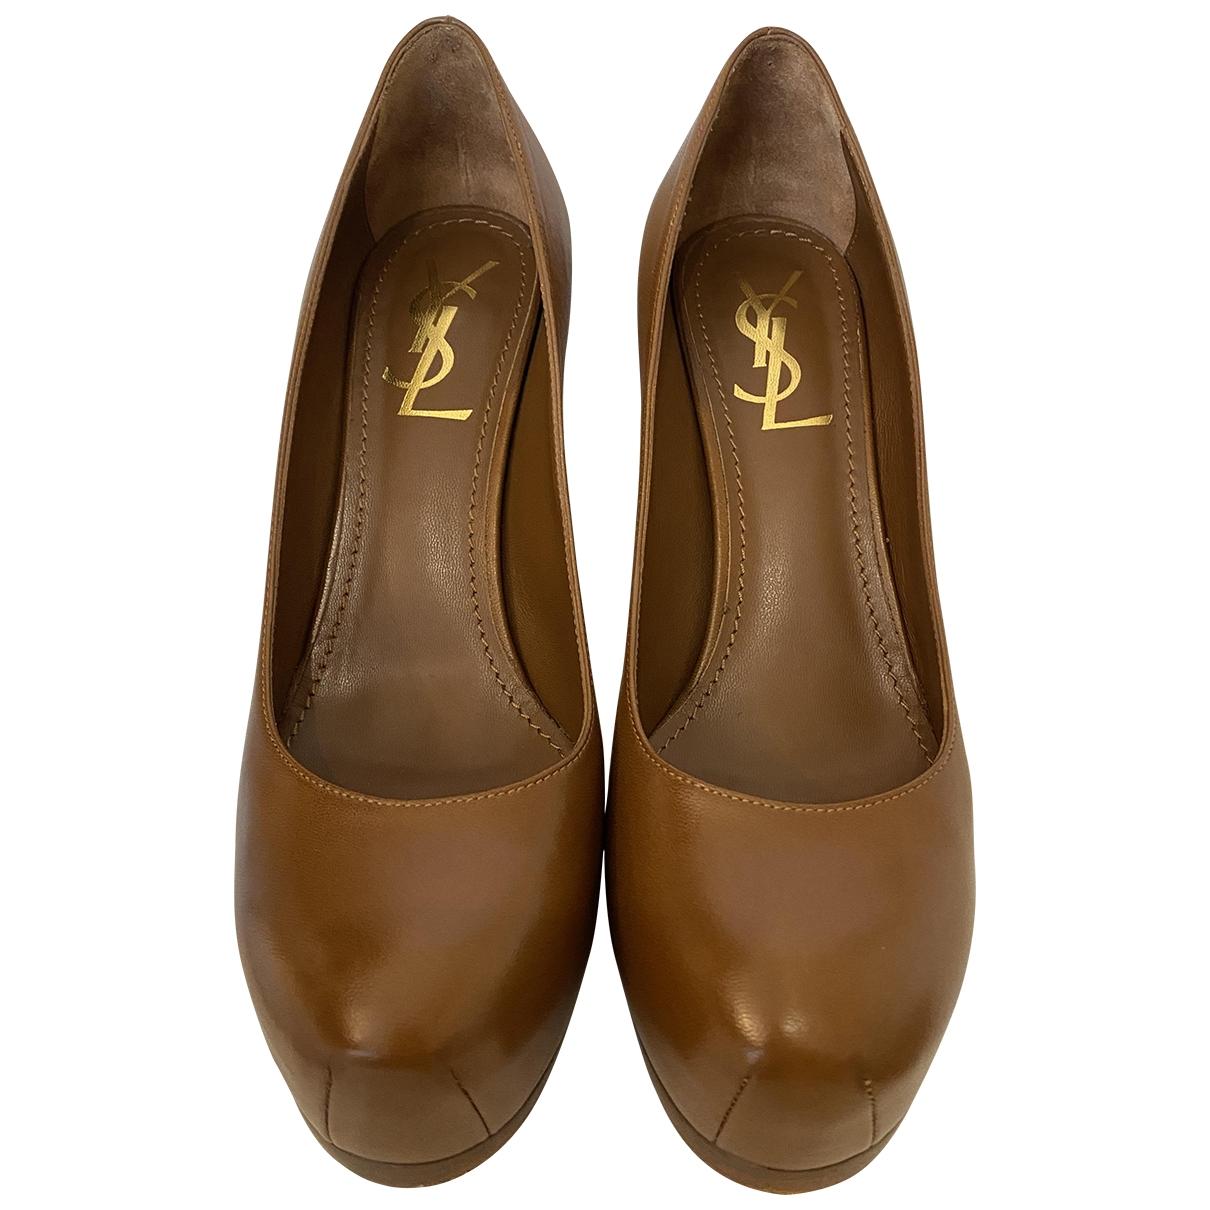 Yves Saint Laurent - Escarpins Trib Too pour femme en cuir - marron